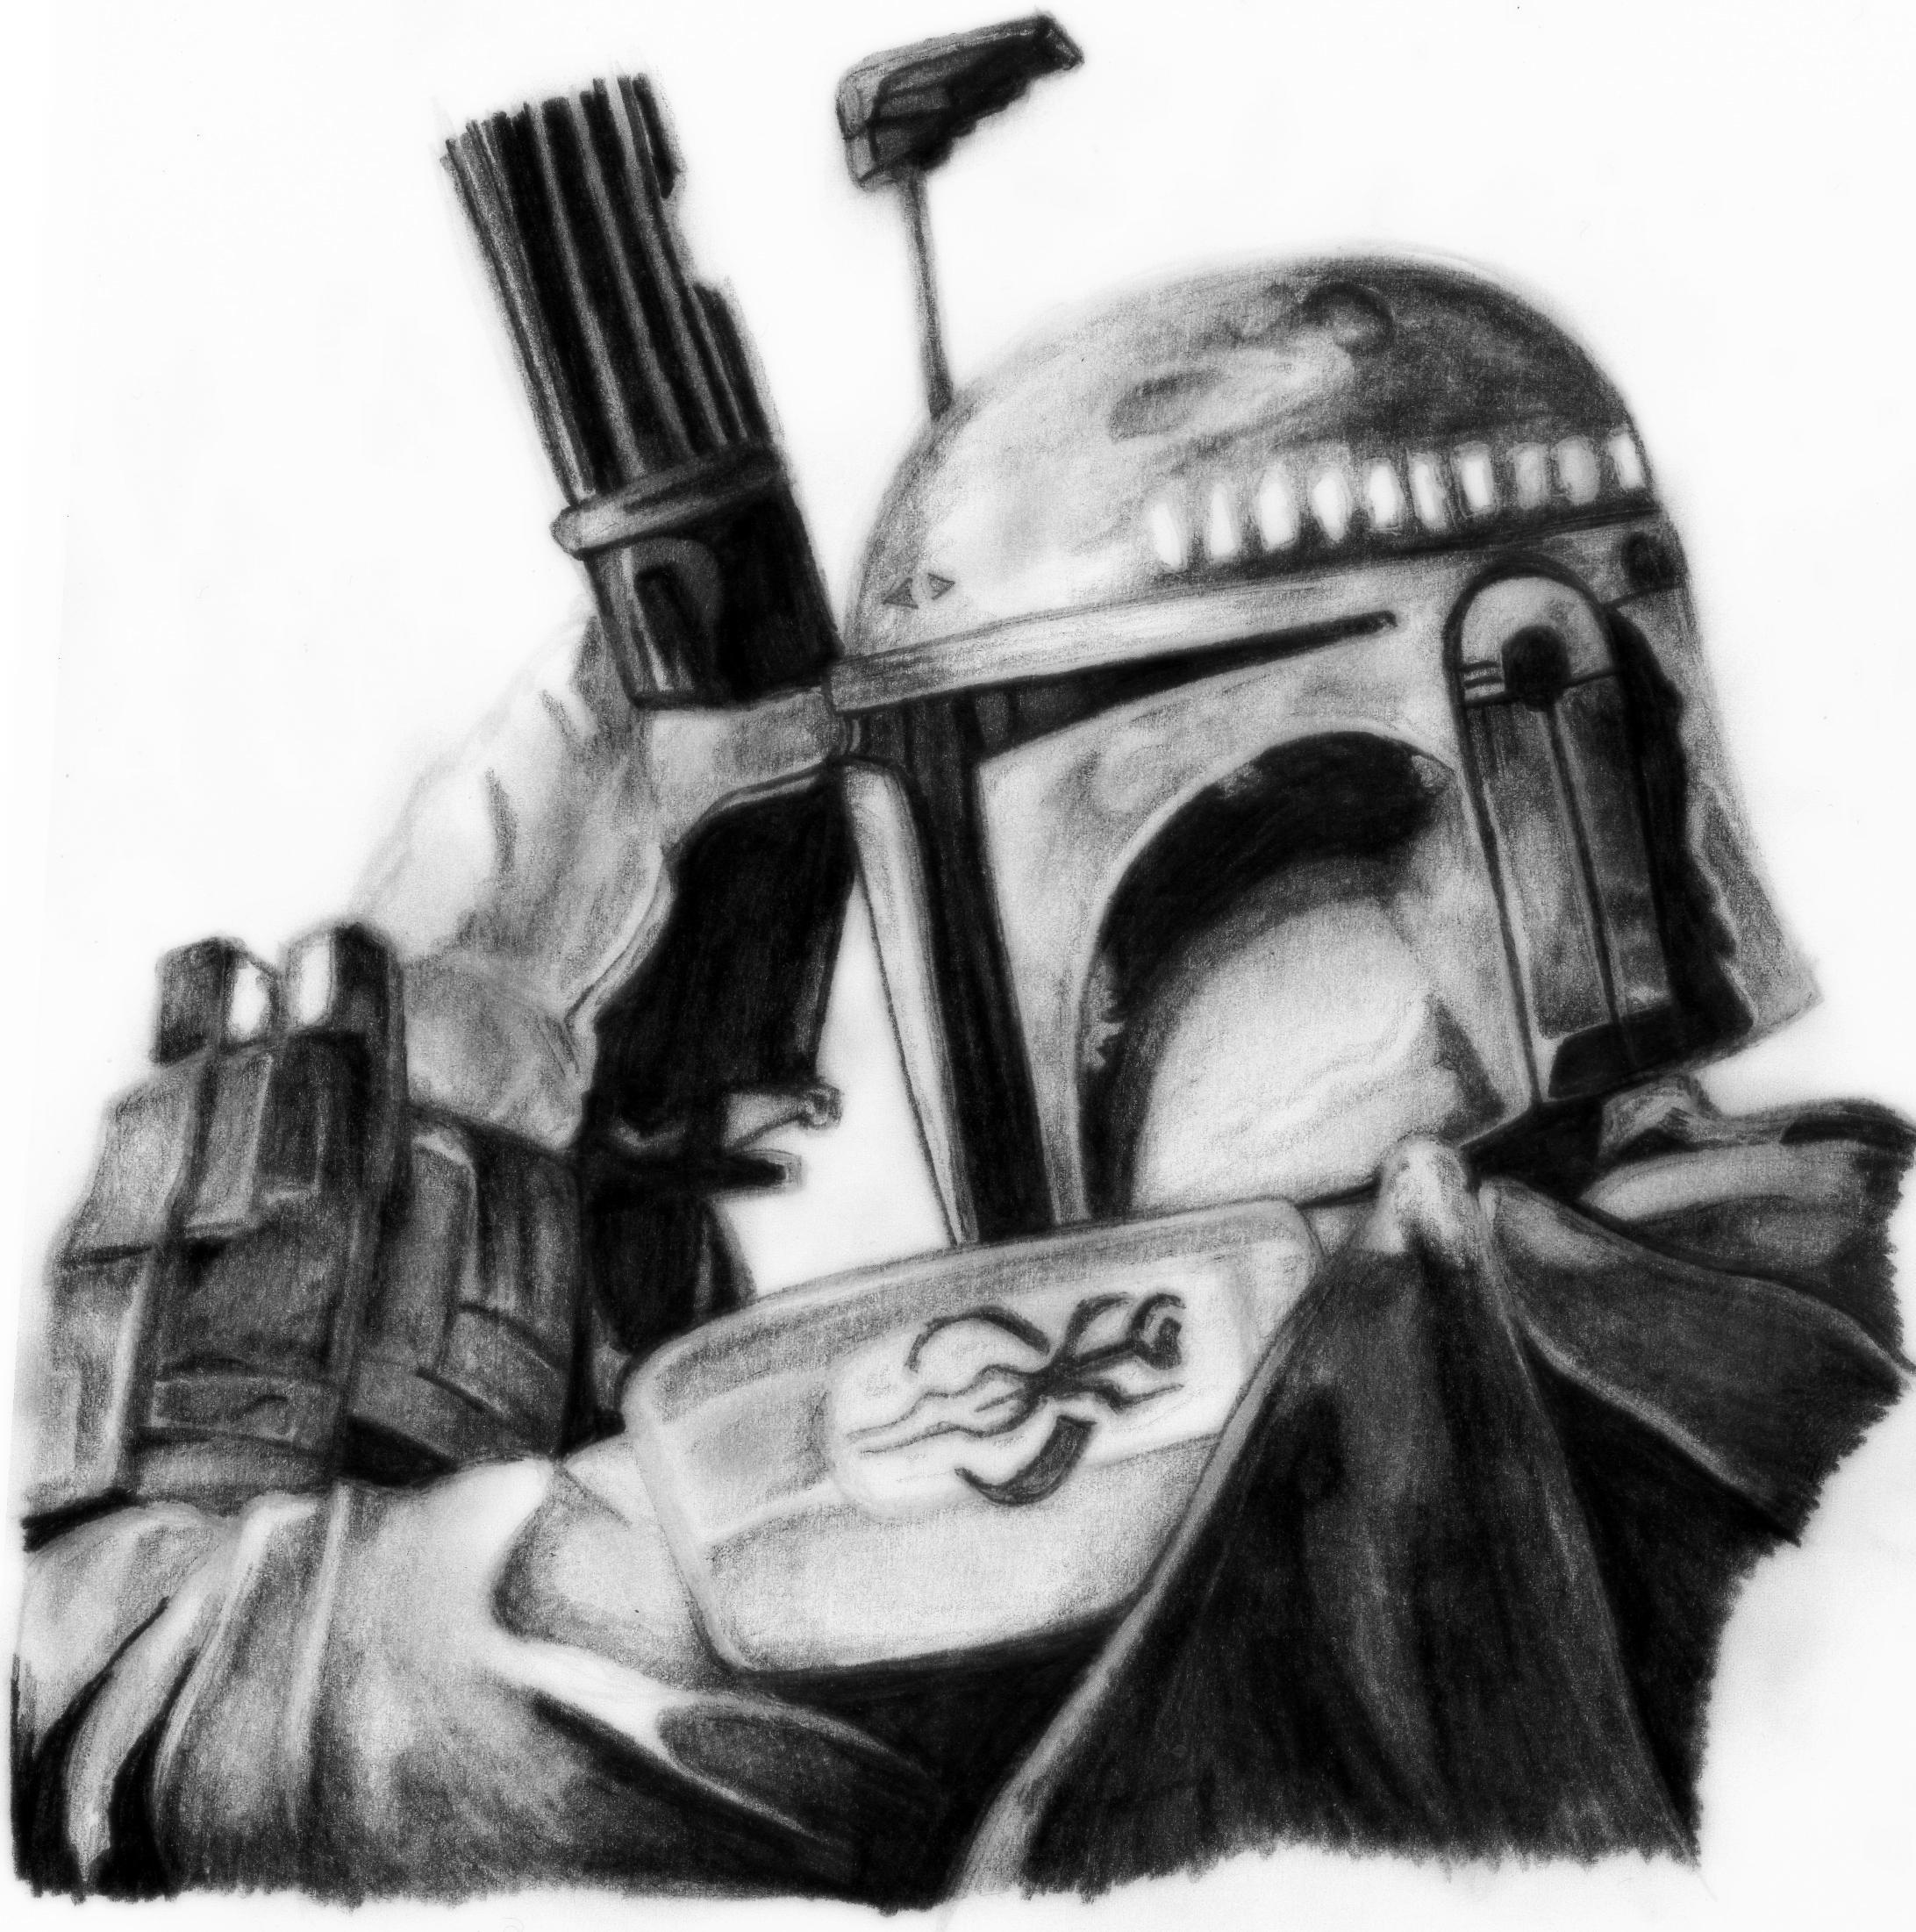 Drawn star wars boba fett Deathlouis by by Wars Fett